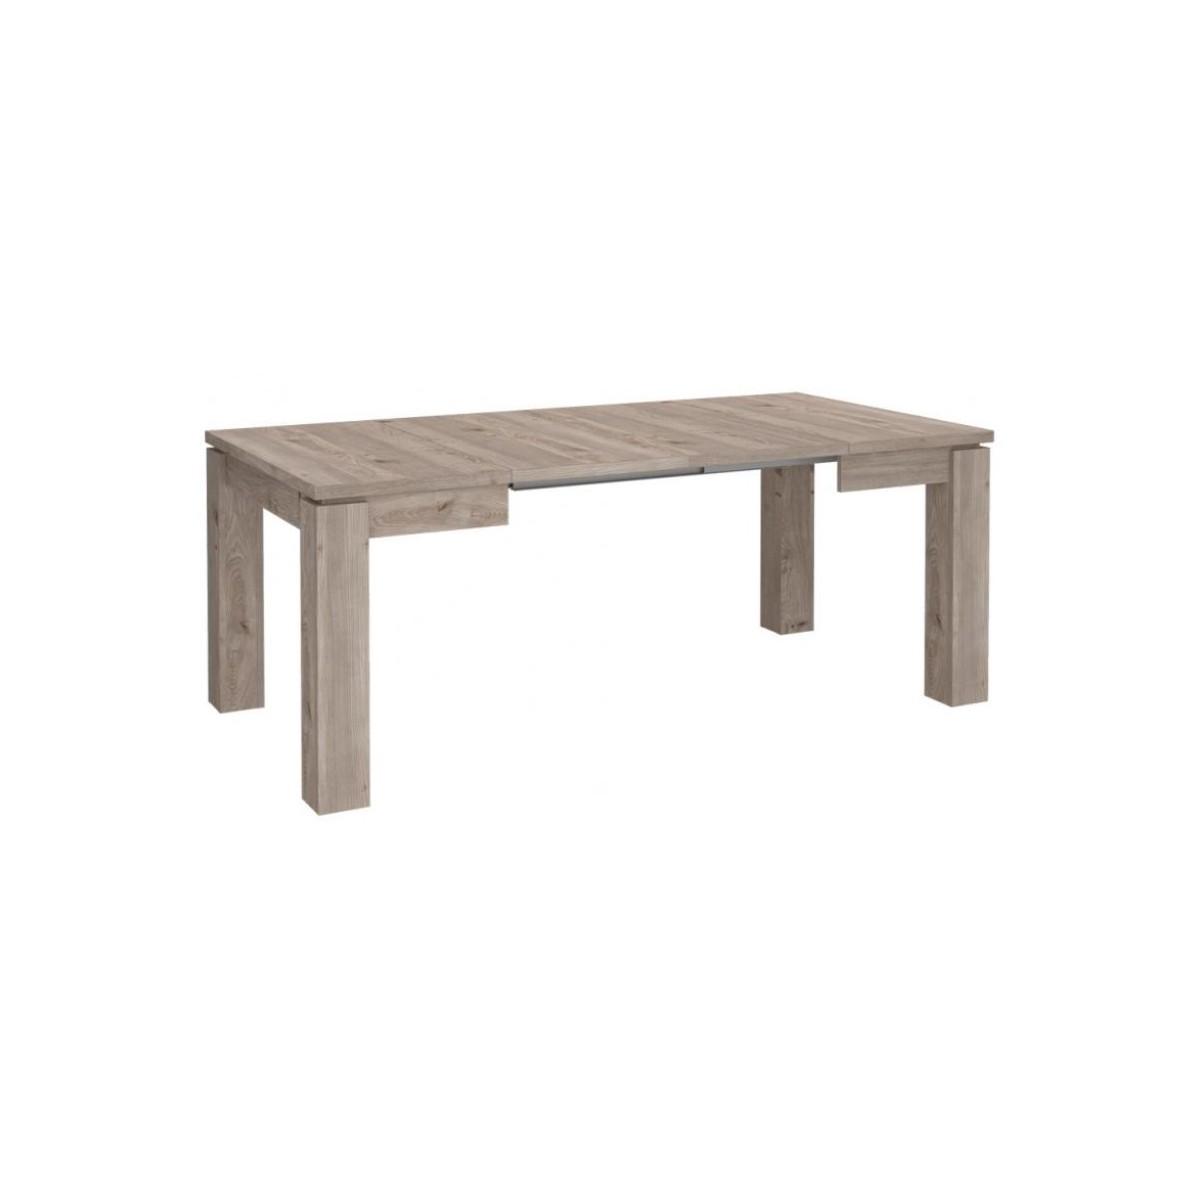 Locarno Stół rozkładany EST45-D46